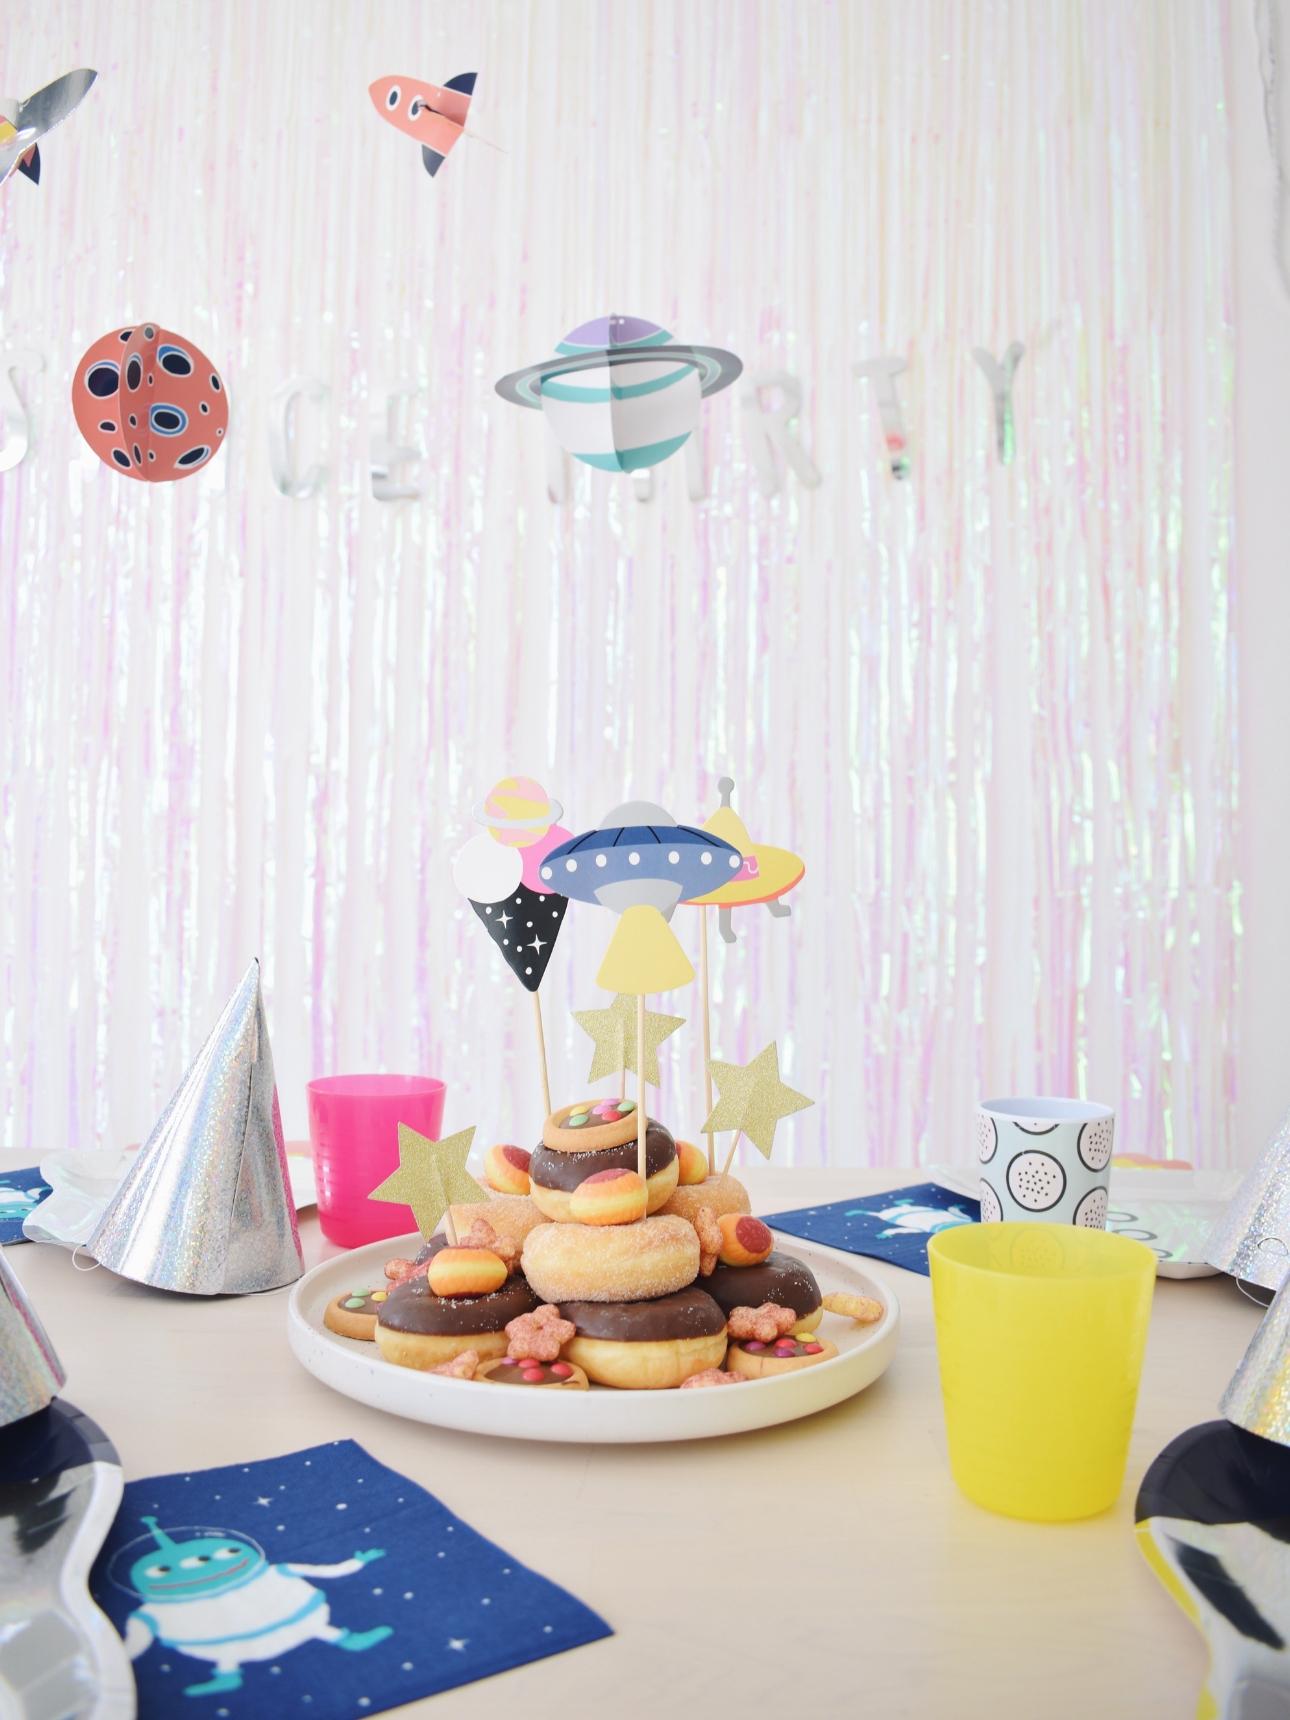 space party kinderfeestje donuttaart